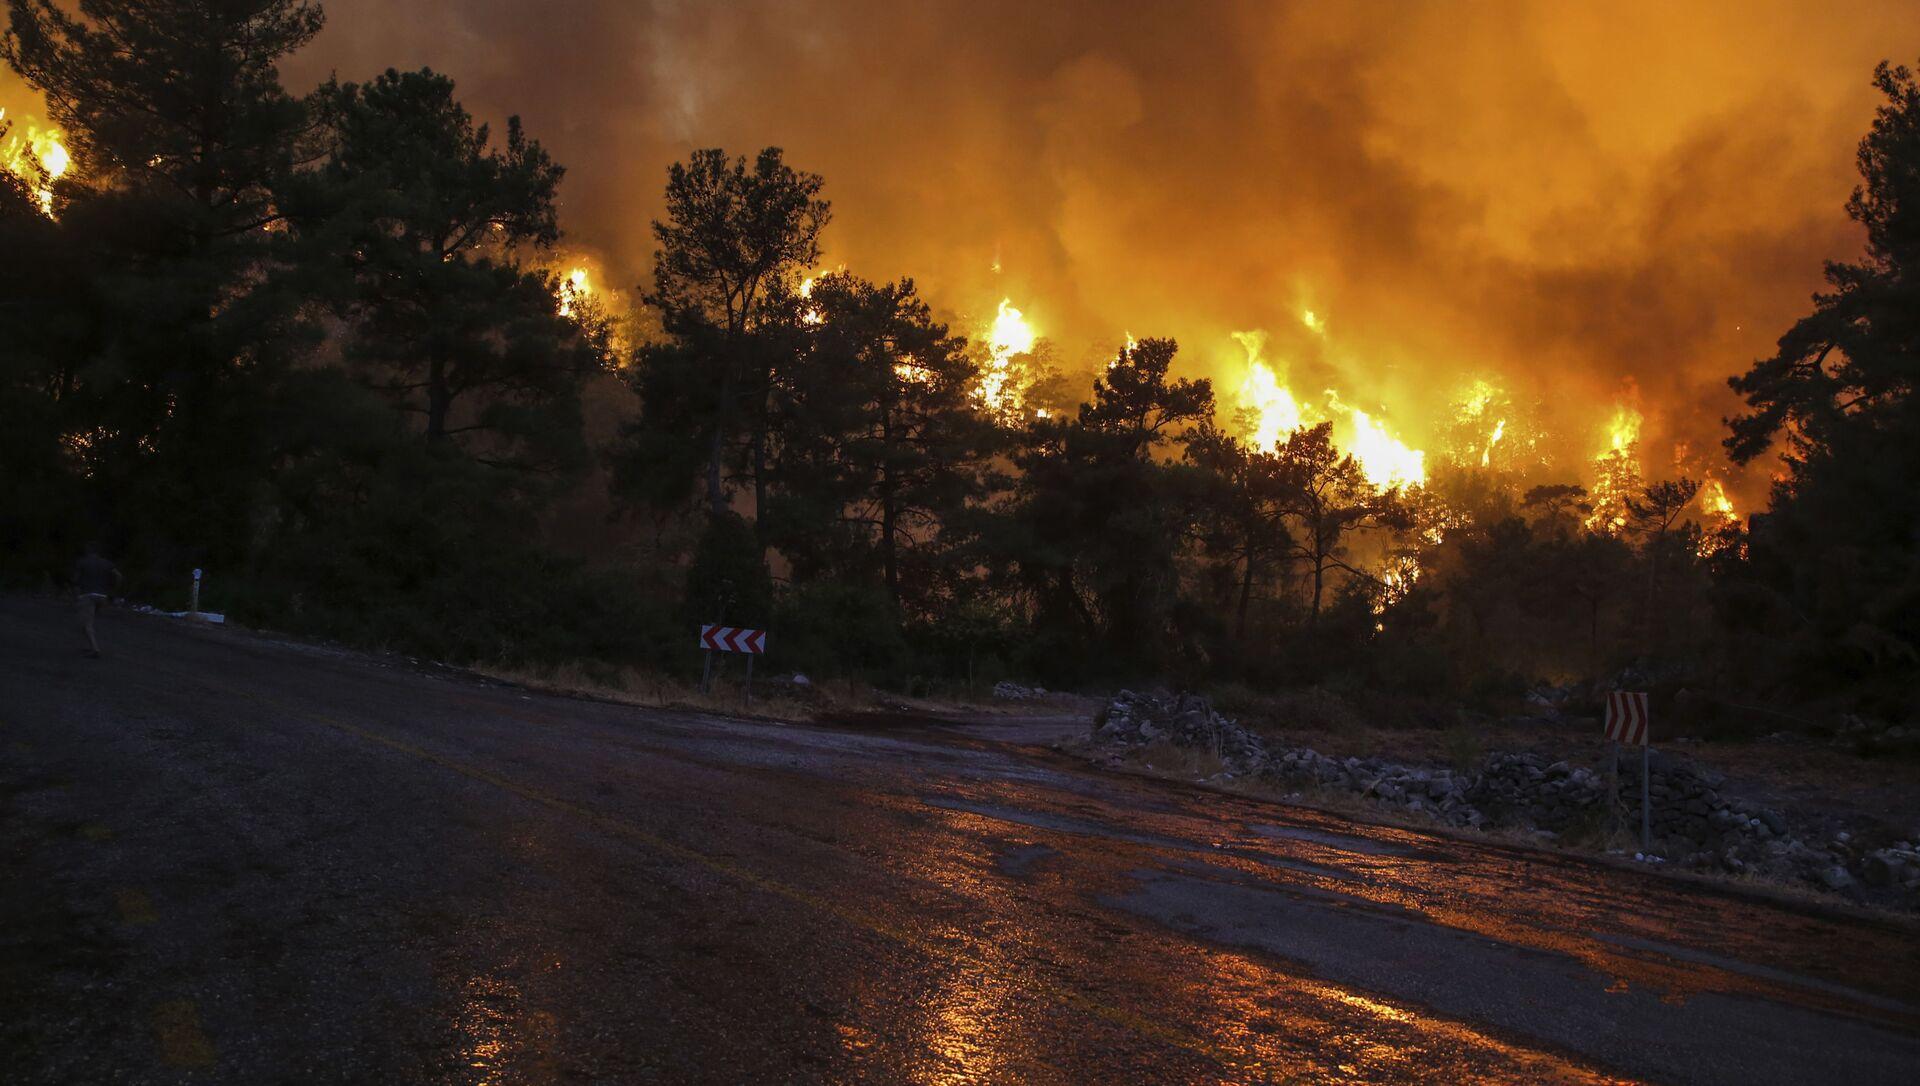 Лесной пожар в Турции, фото из архива - Sputnik Azərbaycan, 1920, 09.08.2021